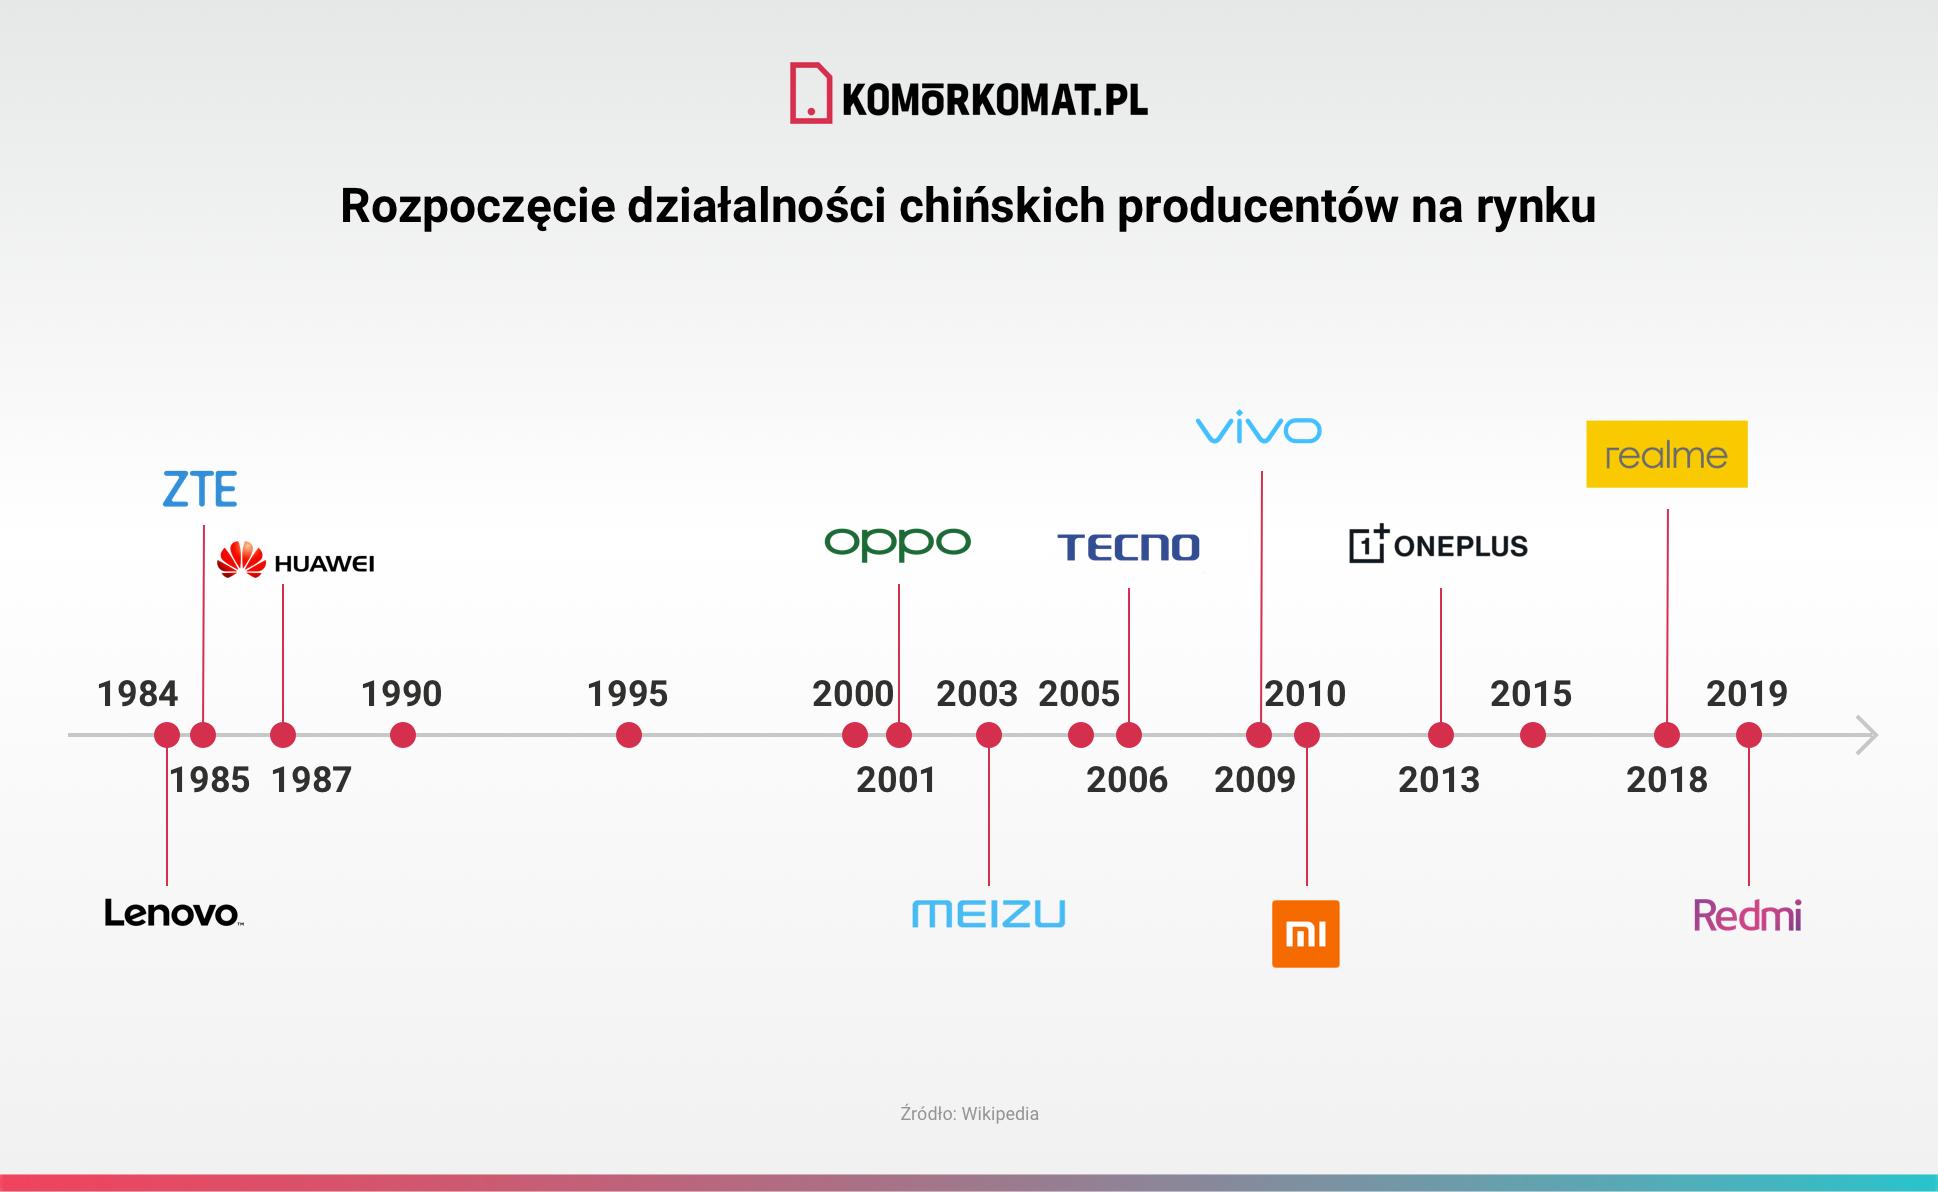 Rozpoczęcie działalności chińskich producentów na rynku_v3